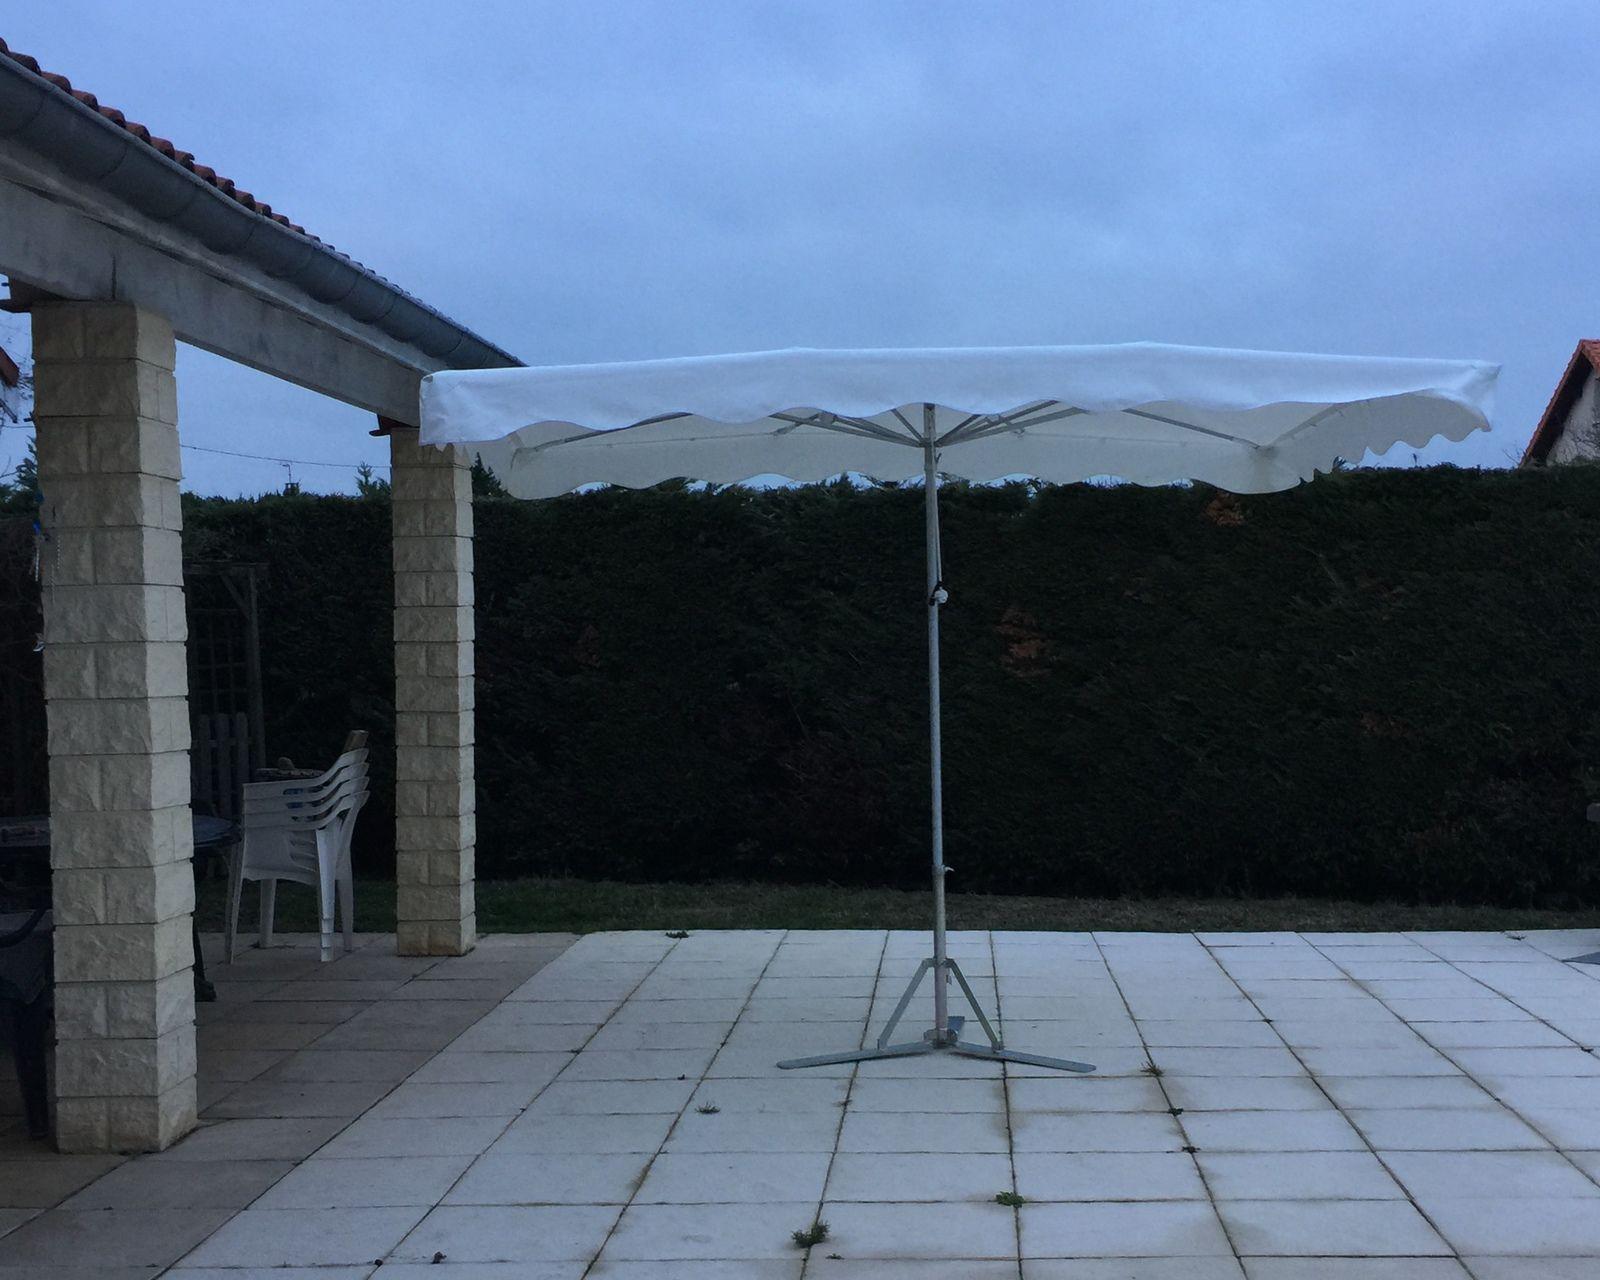 Il est pas beau, ce parasol?